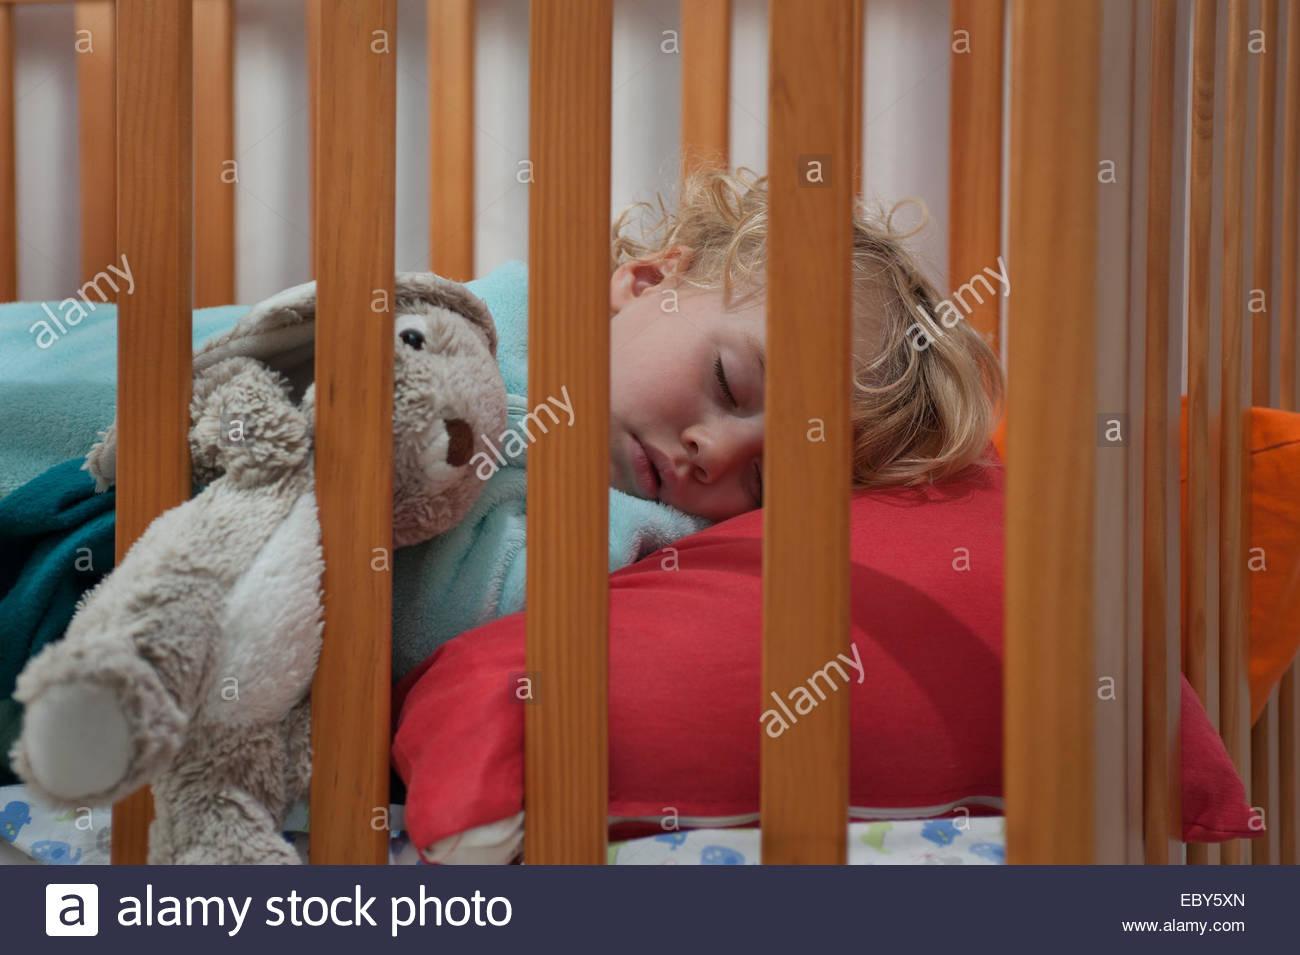 Un niño pequeño (2 1/2 años) duerme en su cuna durante la hora de la siesta por la tarde. Imagen De Stock